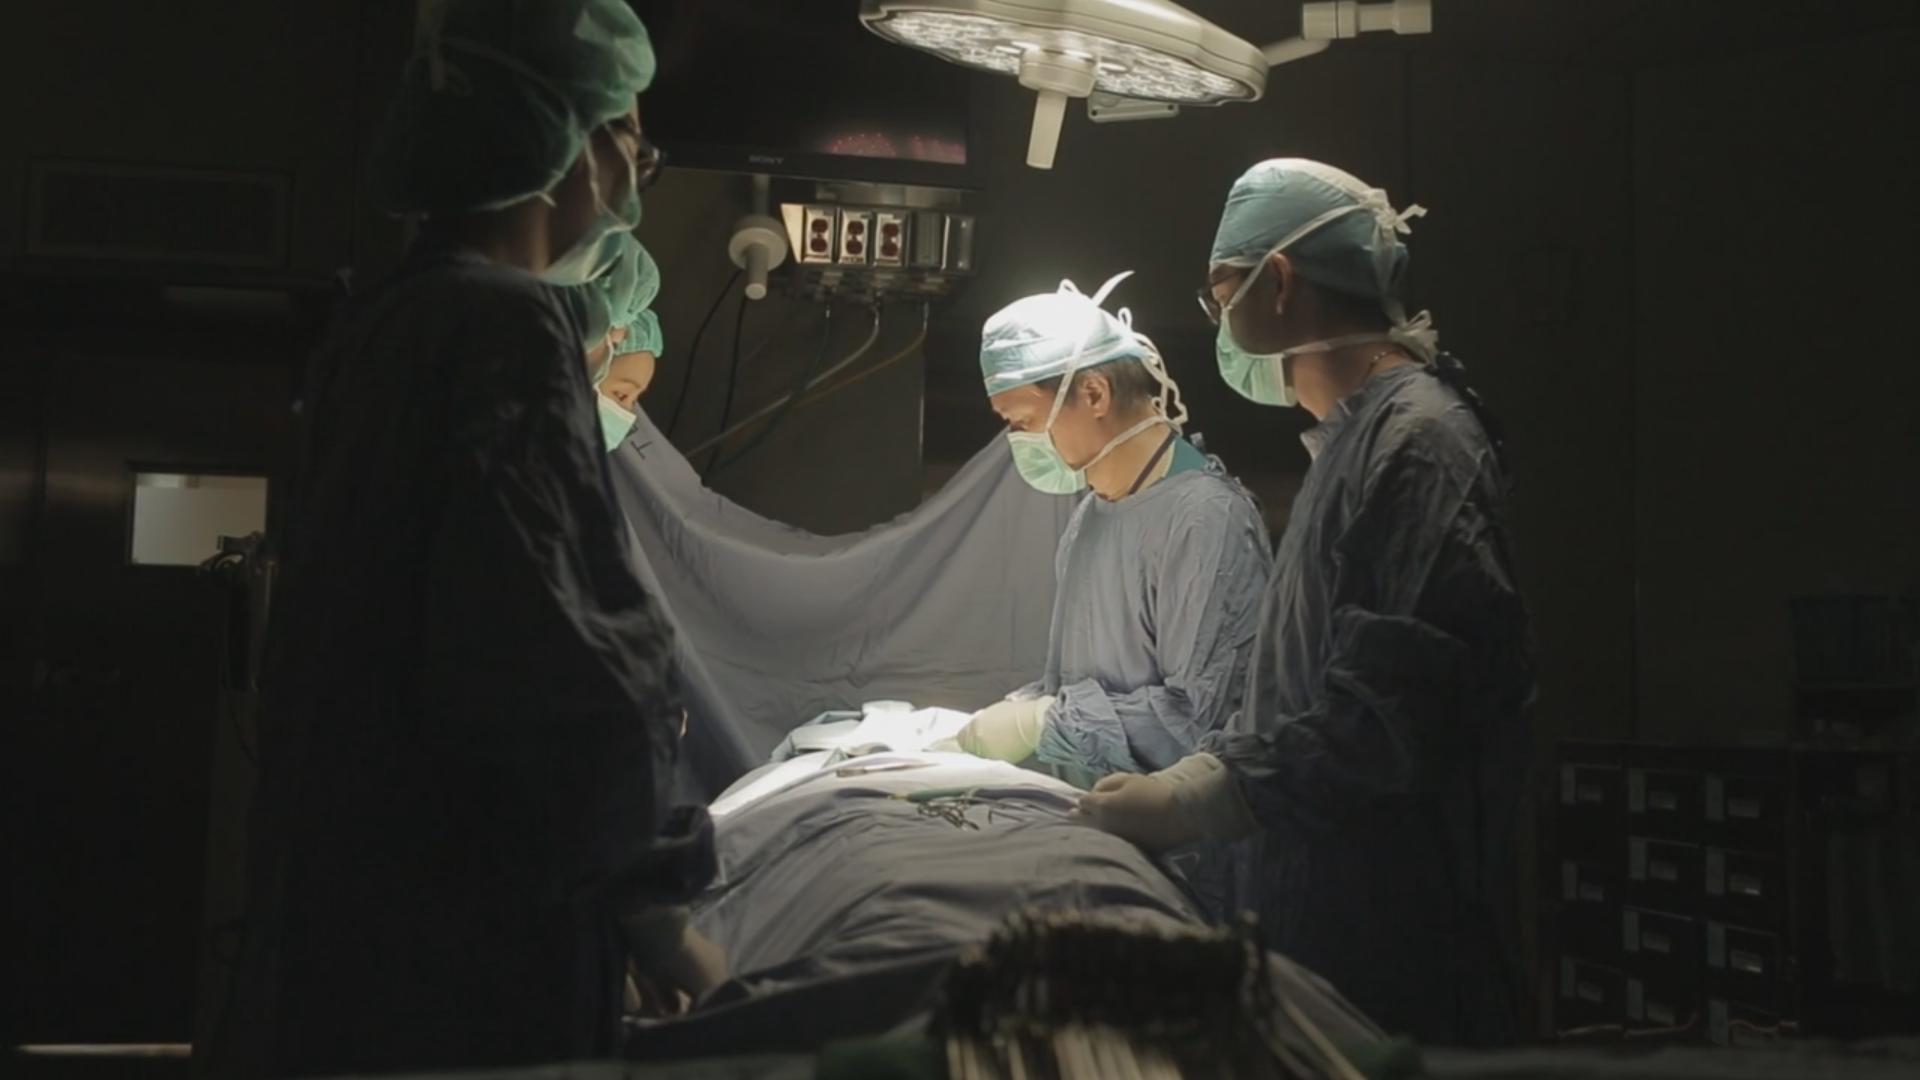 中國醫藥大學附設醫院 記錄片